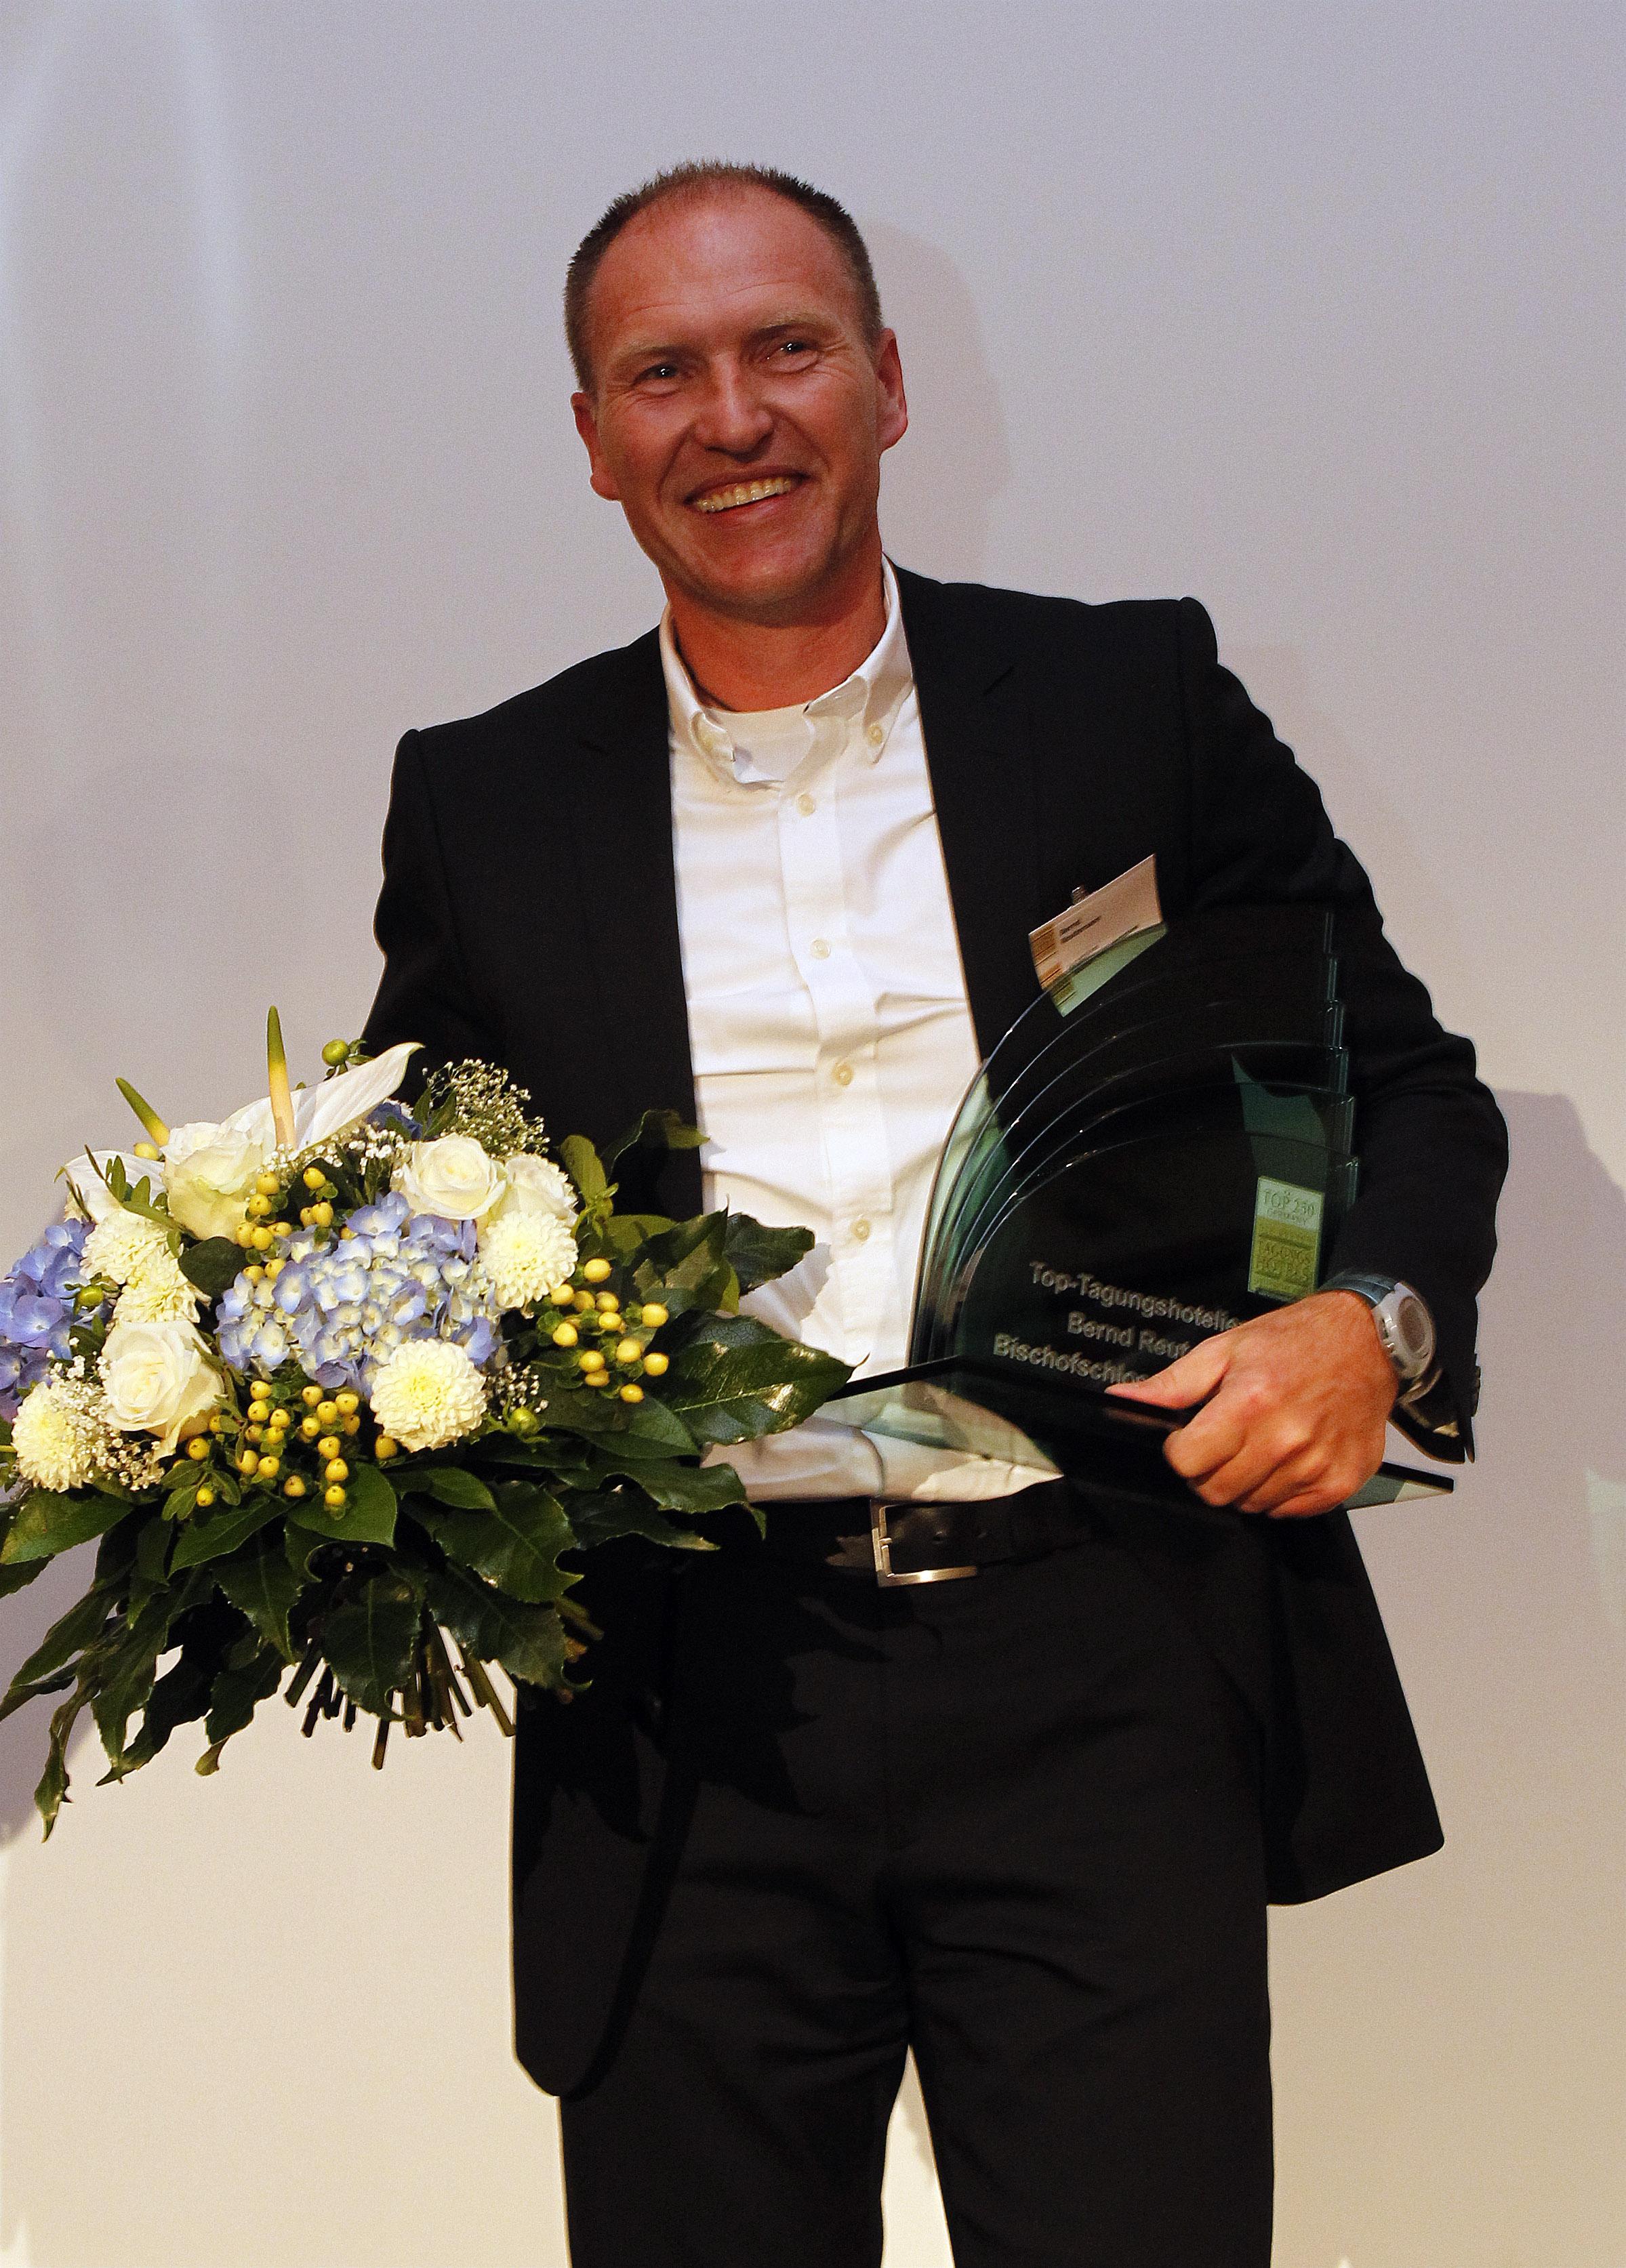 Abb. zu Artikel Bernd Reutemann Top-Tagungshotelier 2012